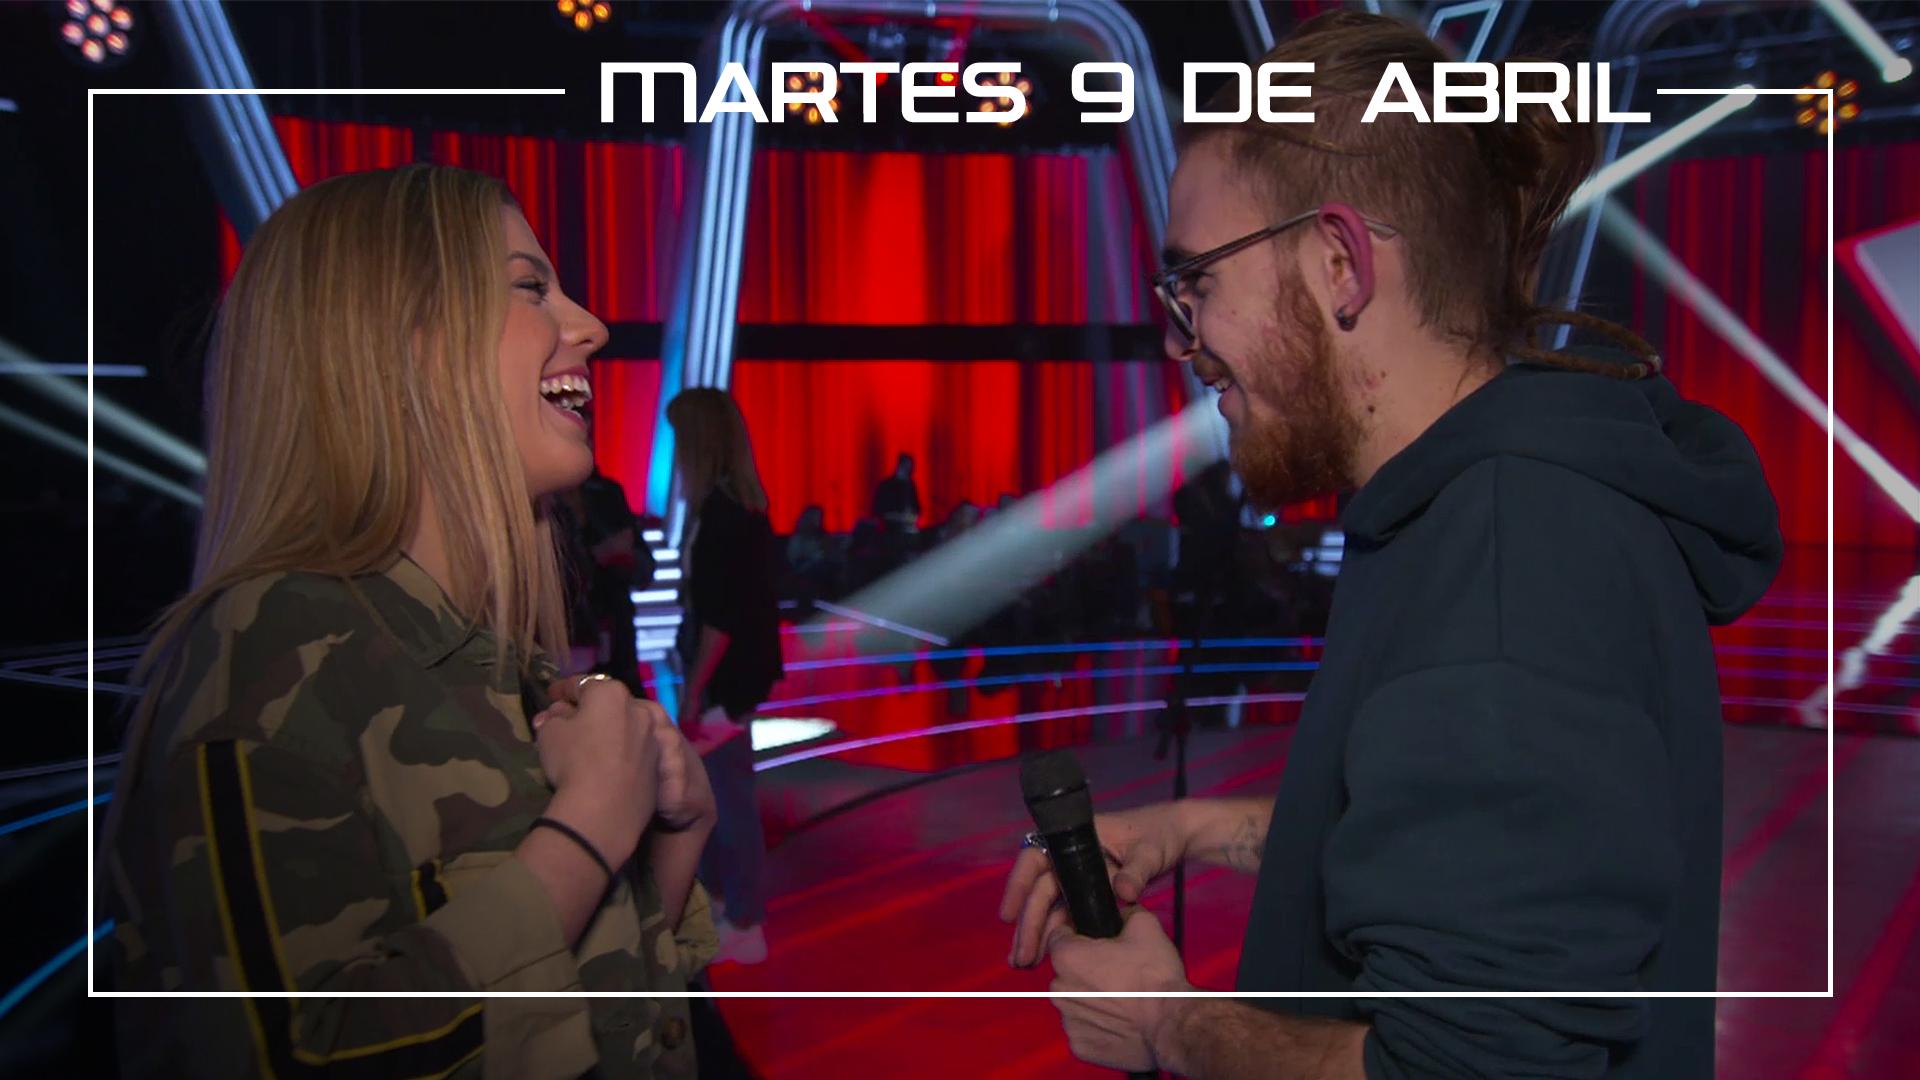 Martes 9 de abril Andrés Martín y Miriam Rodríguez ensayan en plató el tema 'Mejor sin miedo'